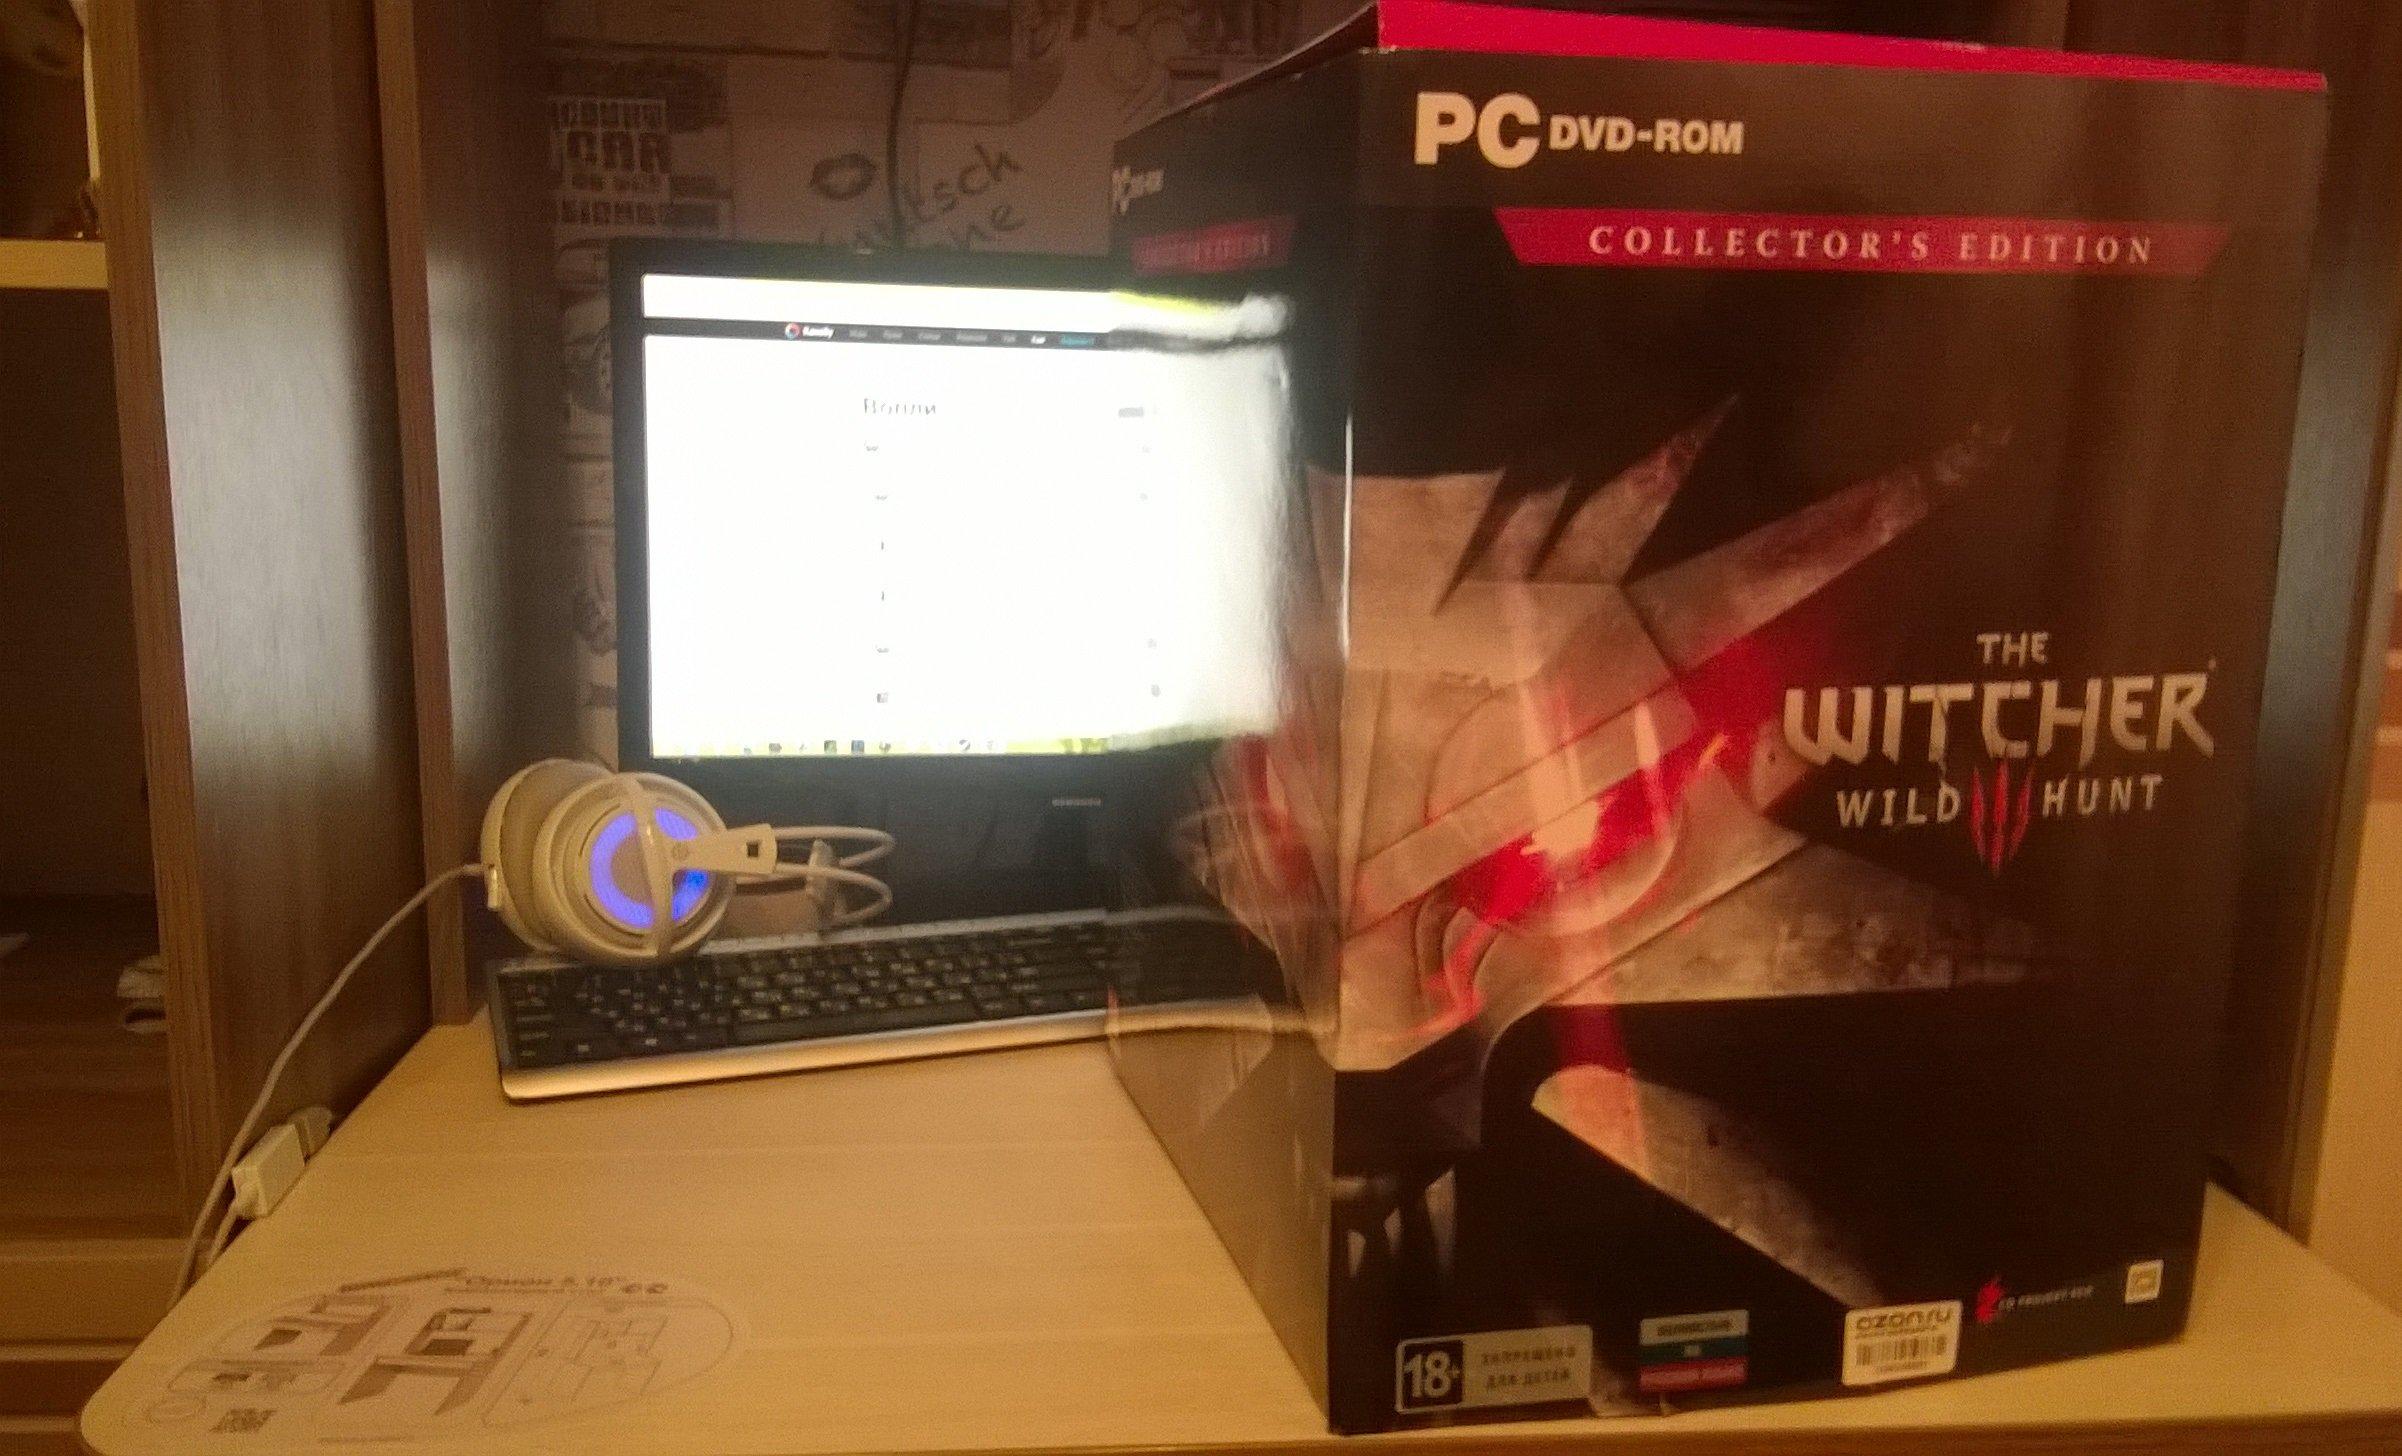 The Witcher 3: Wild Hunt. Распаковка коллекционного издания игры!     После долгого и томительного ожидания, сквозь  ... - Изображение 2